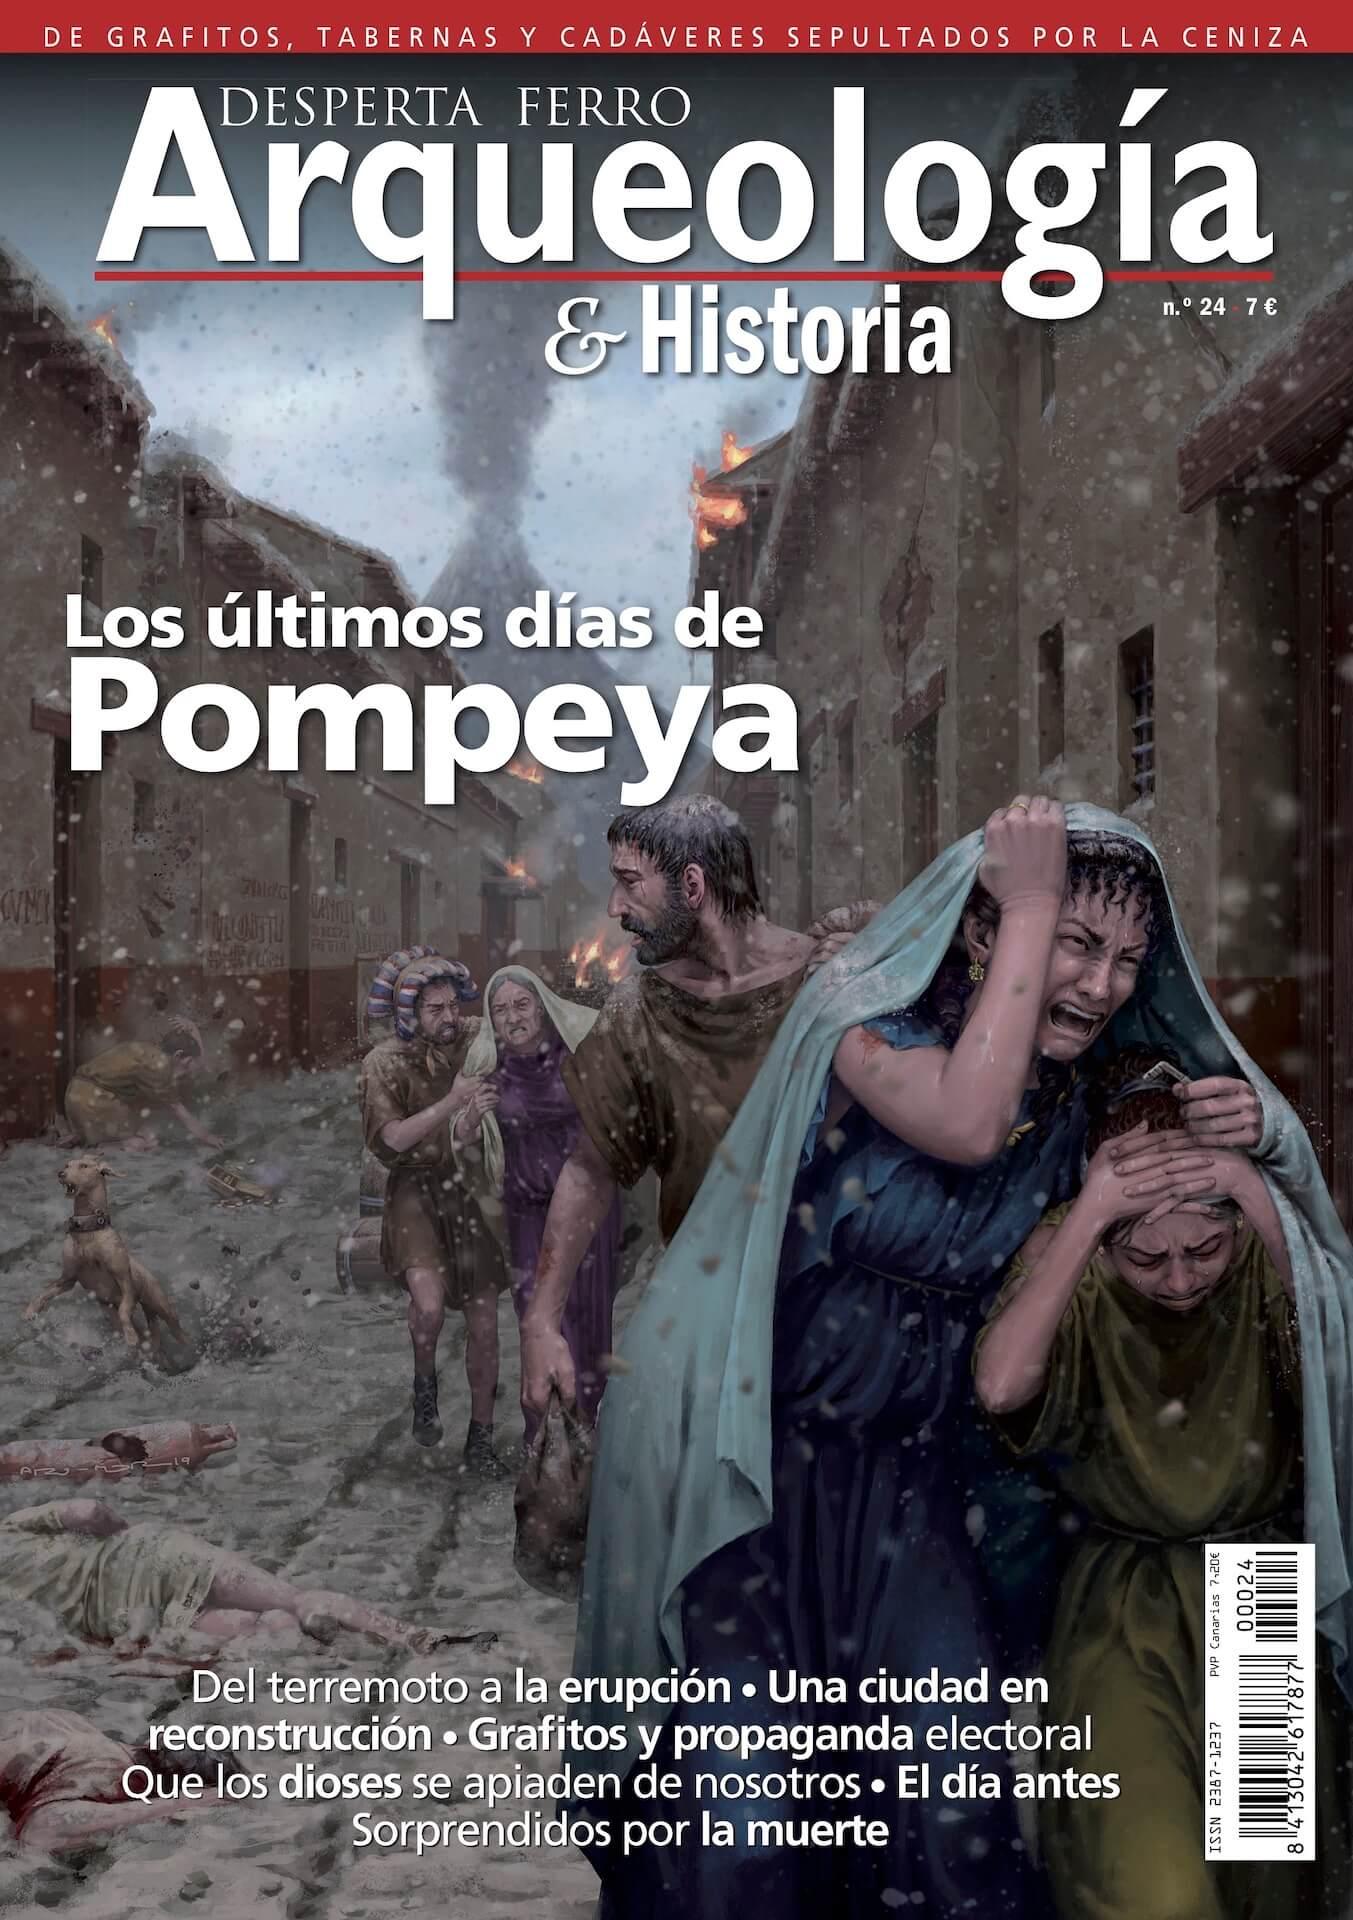 Arqueología e Historia Pompeya ilustración histórica ªRU-MOR